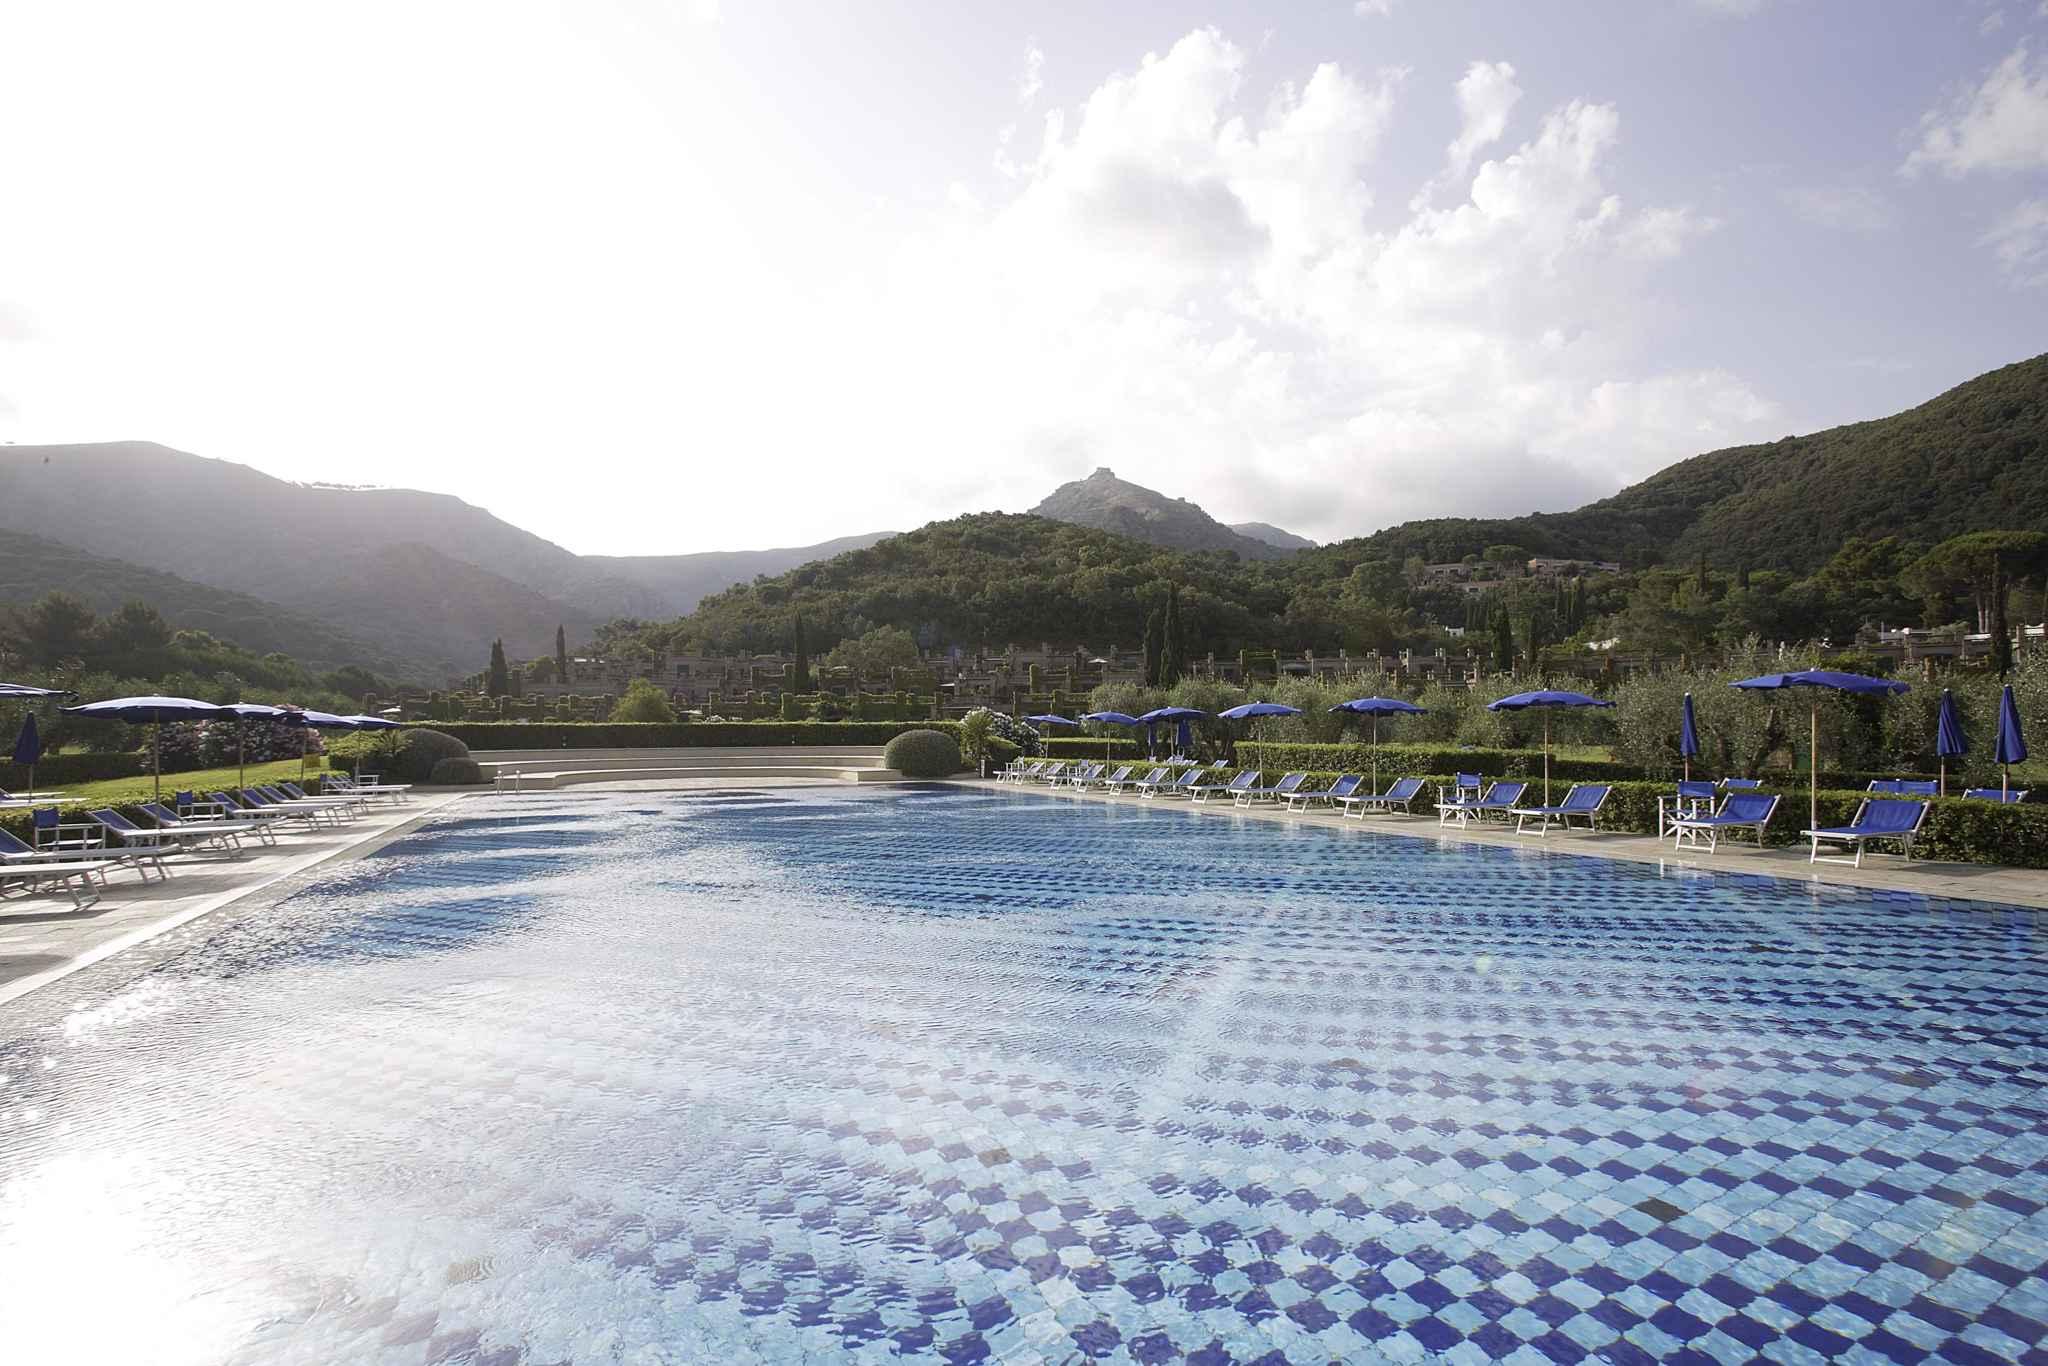 Ferienwohnung FerienWohnung Residence Sant'Anna del Volterraio (402381), Rio Nell'Elba, Elba, Toskana, Italien, Bild 5